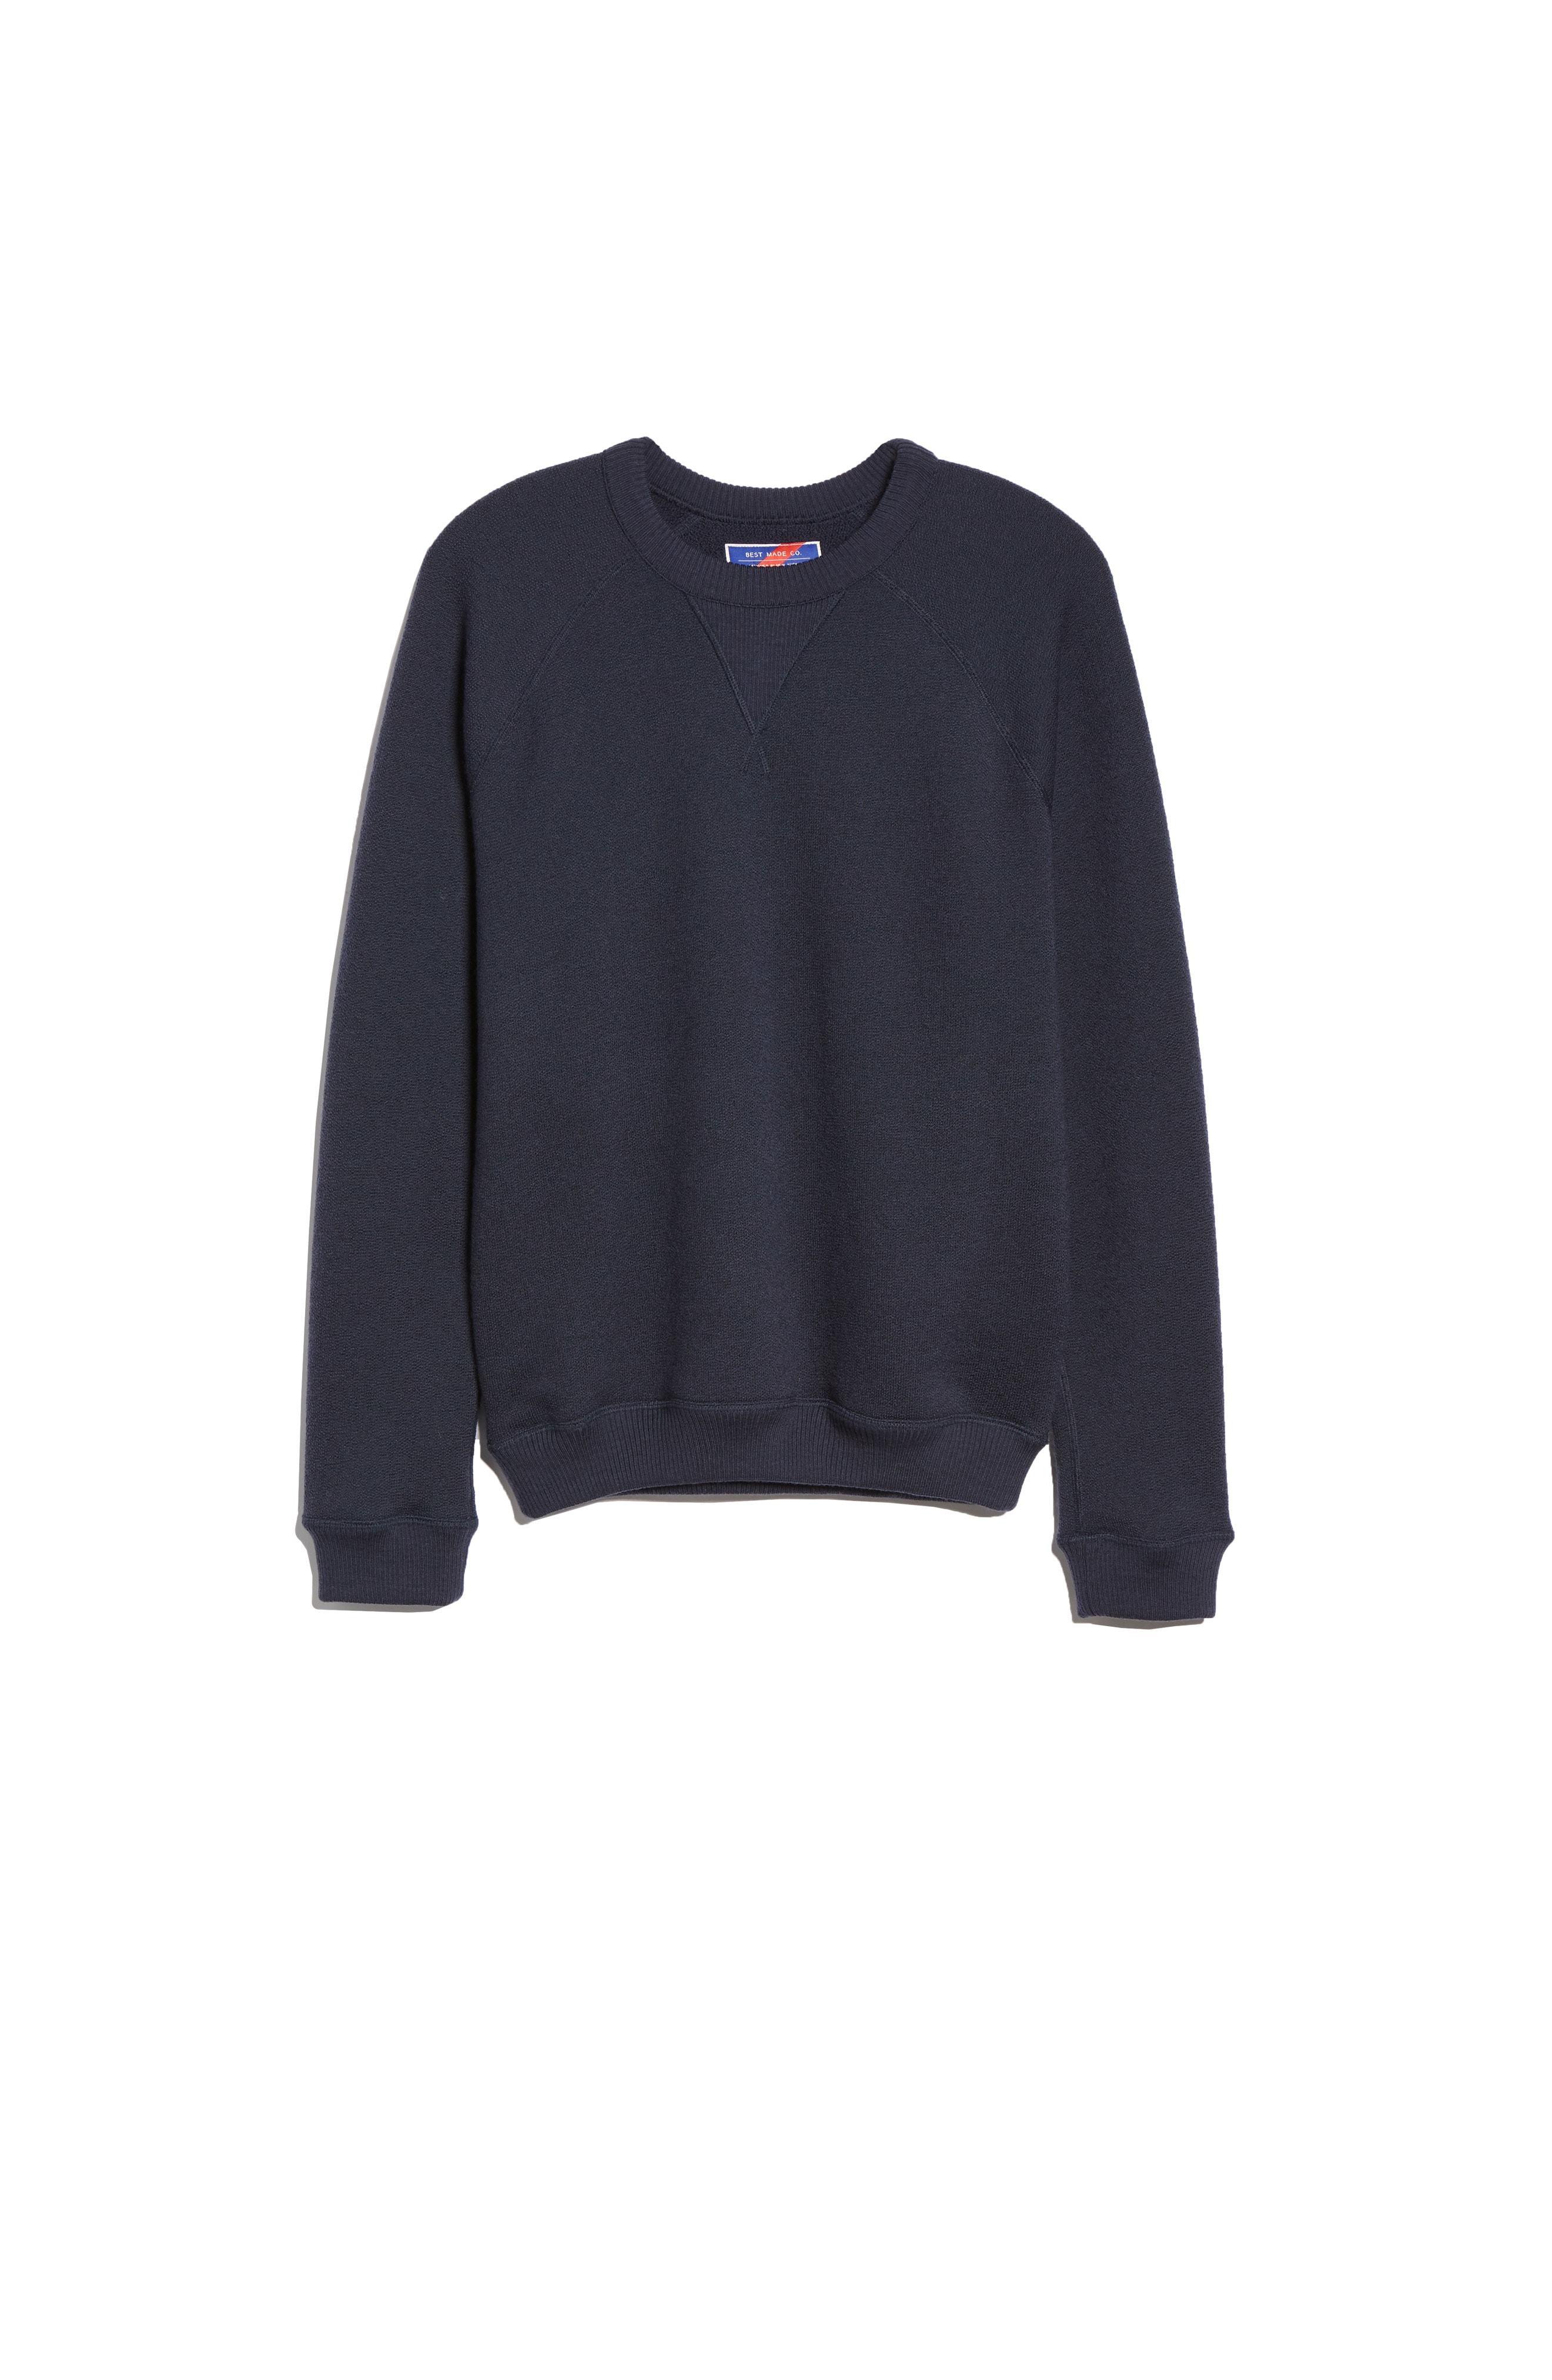 0ad9fd7378c0 Best Made Co. The Merino Wool Fleece Crew Sweatshirt